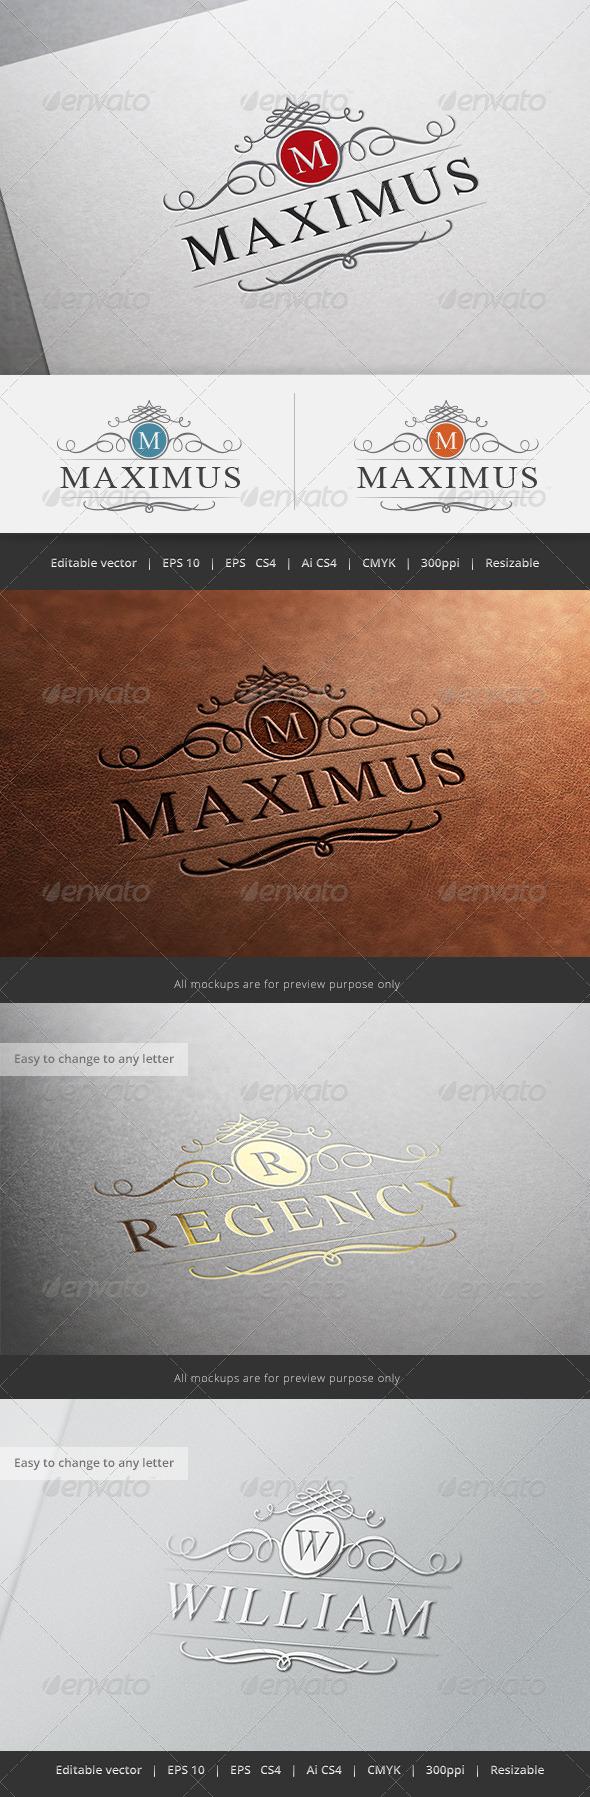 GraphicRiver Maximus Crest Logo 5630287